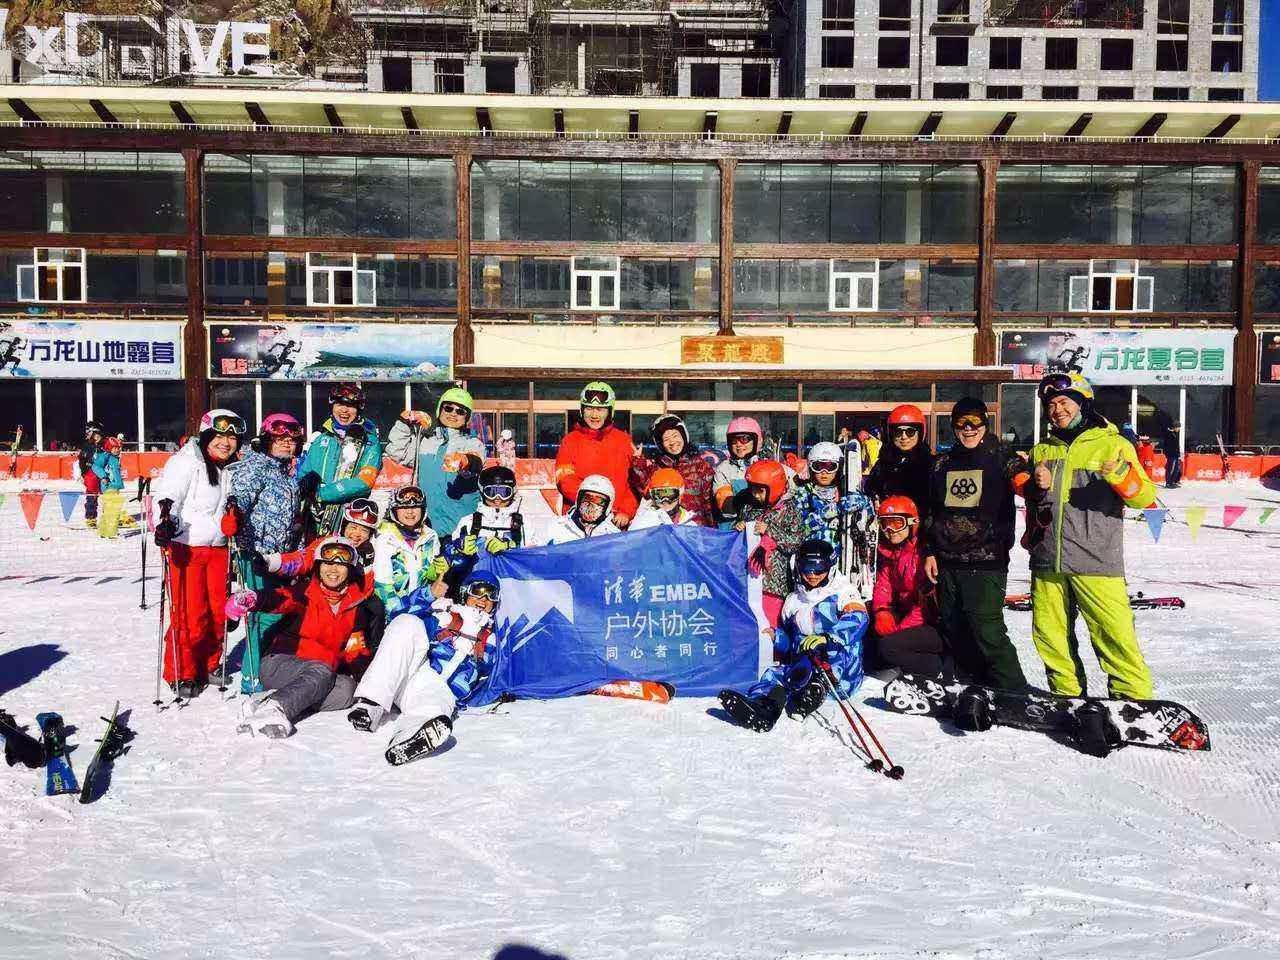 清华大学EMBA户外滑雪协会